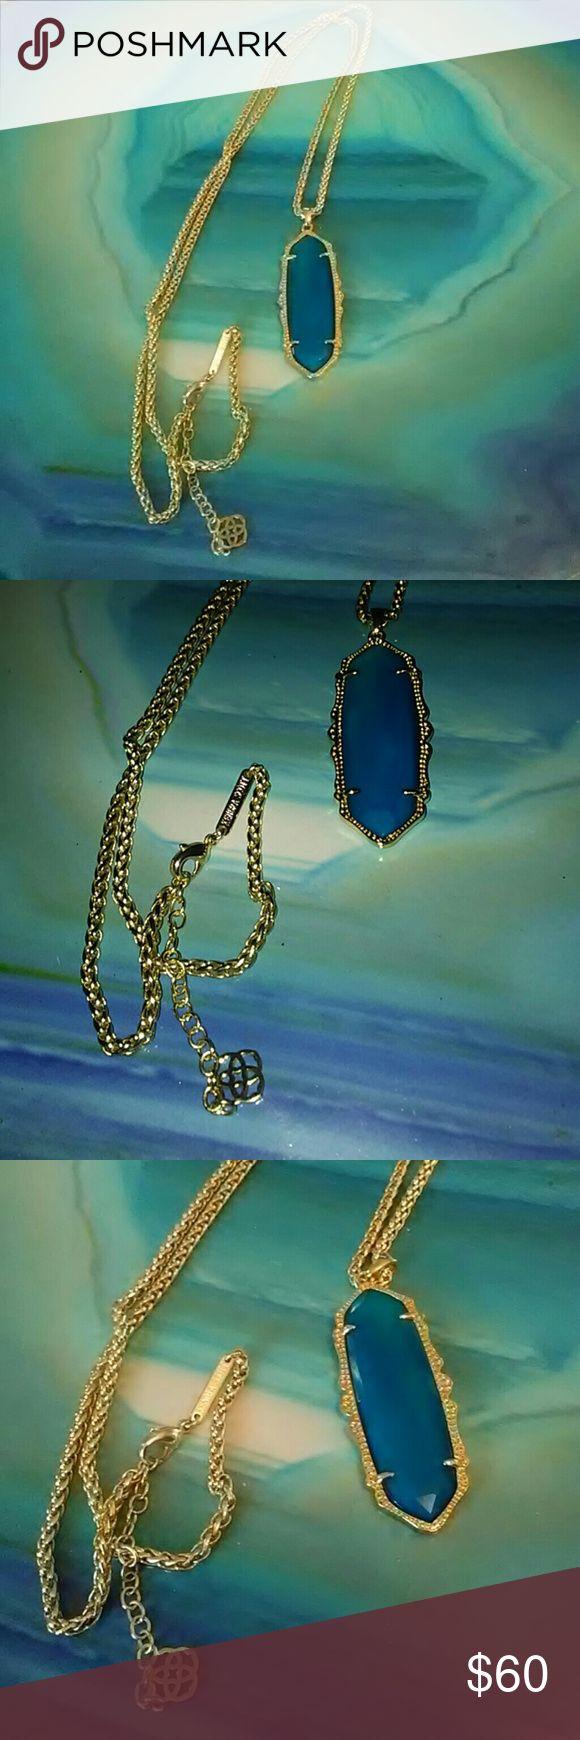 Kendra Scott Teal Agate Frances Necklace Kendra Scott Teal Agate Frances Necklace Kendra Scott Jewelry Necklaces